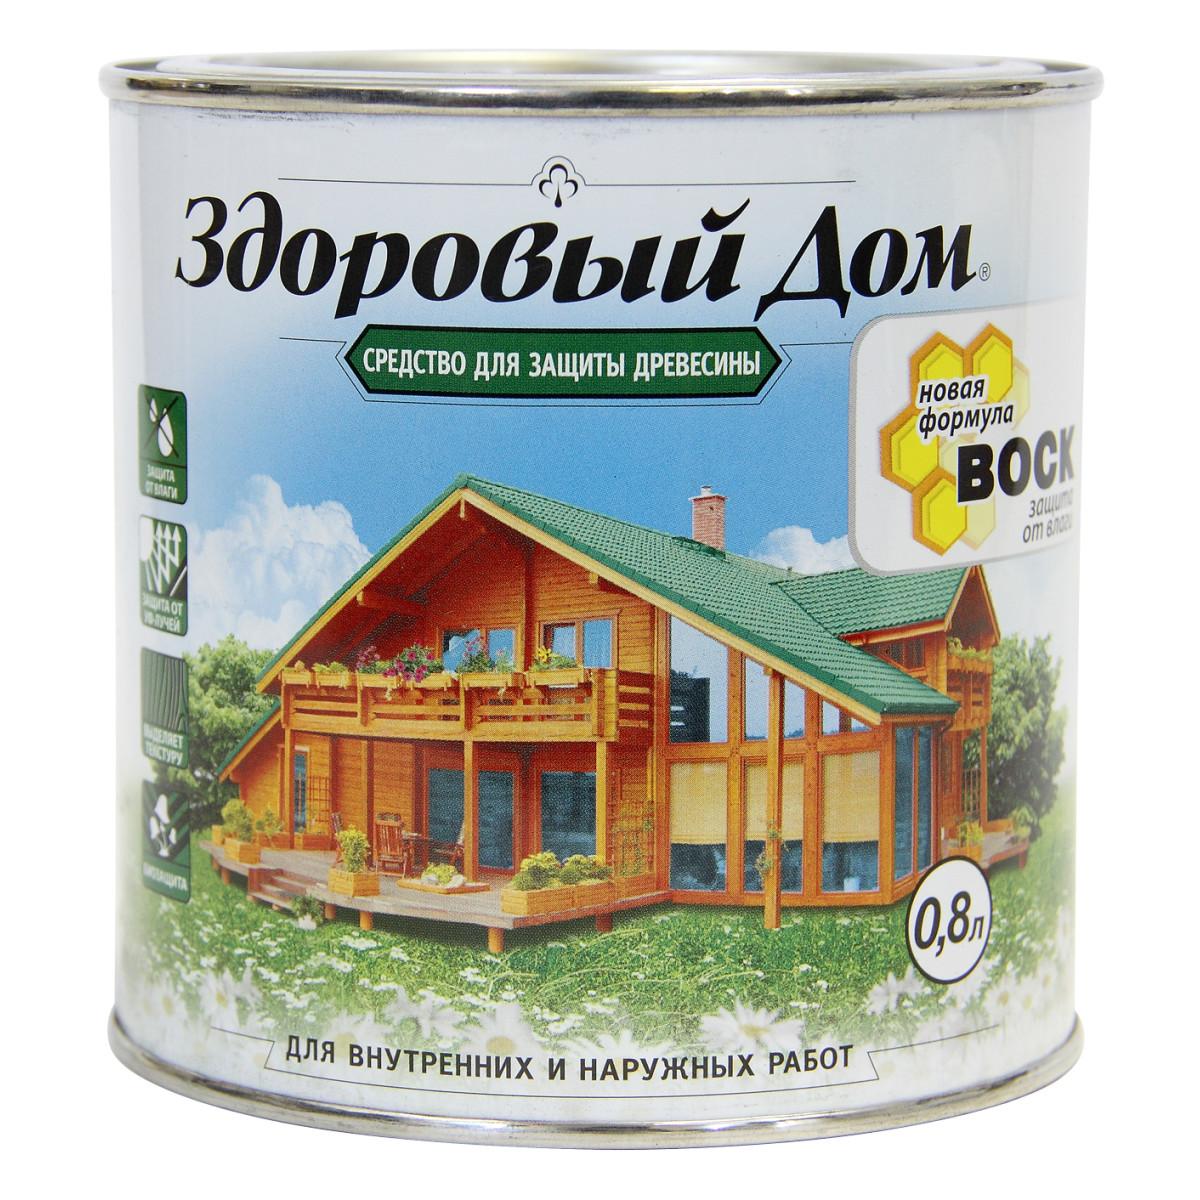 Антисептик Здоровый Дом матовый прозрачный 0.8 л